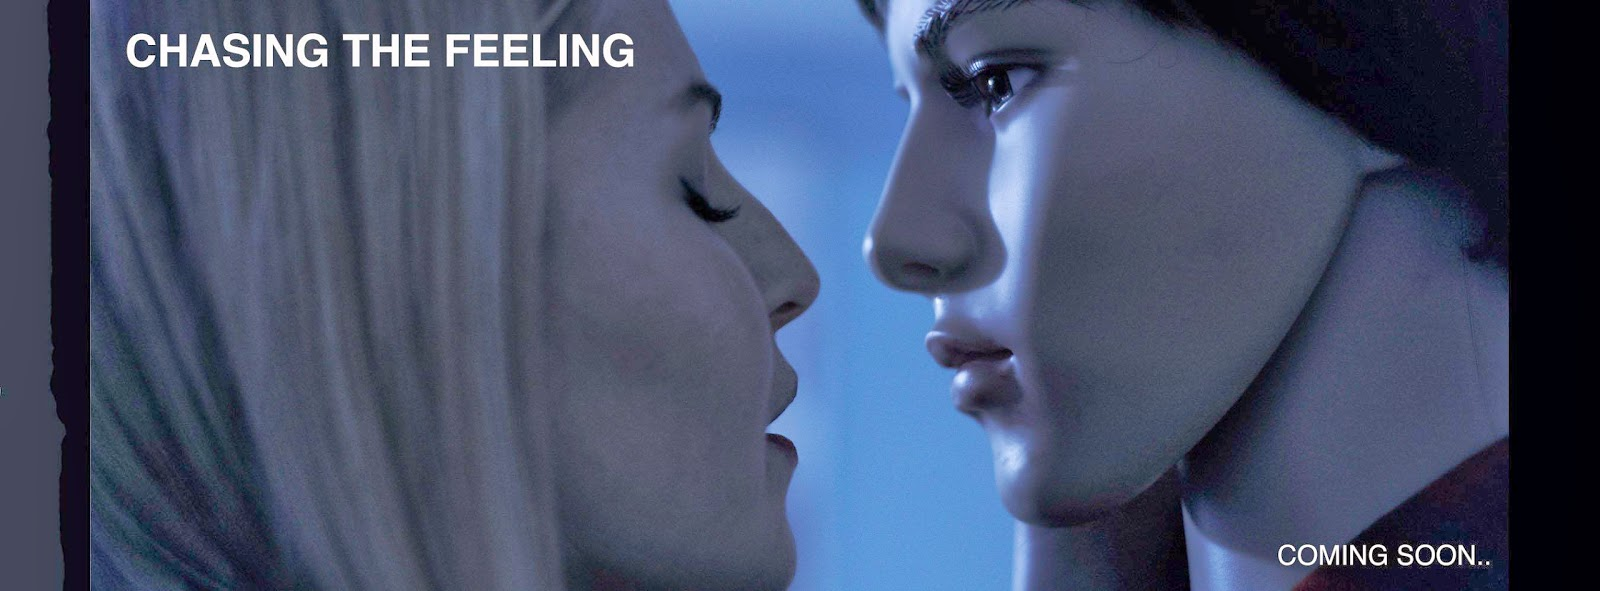 Phantom Runners release new single Chasing The Feeling